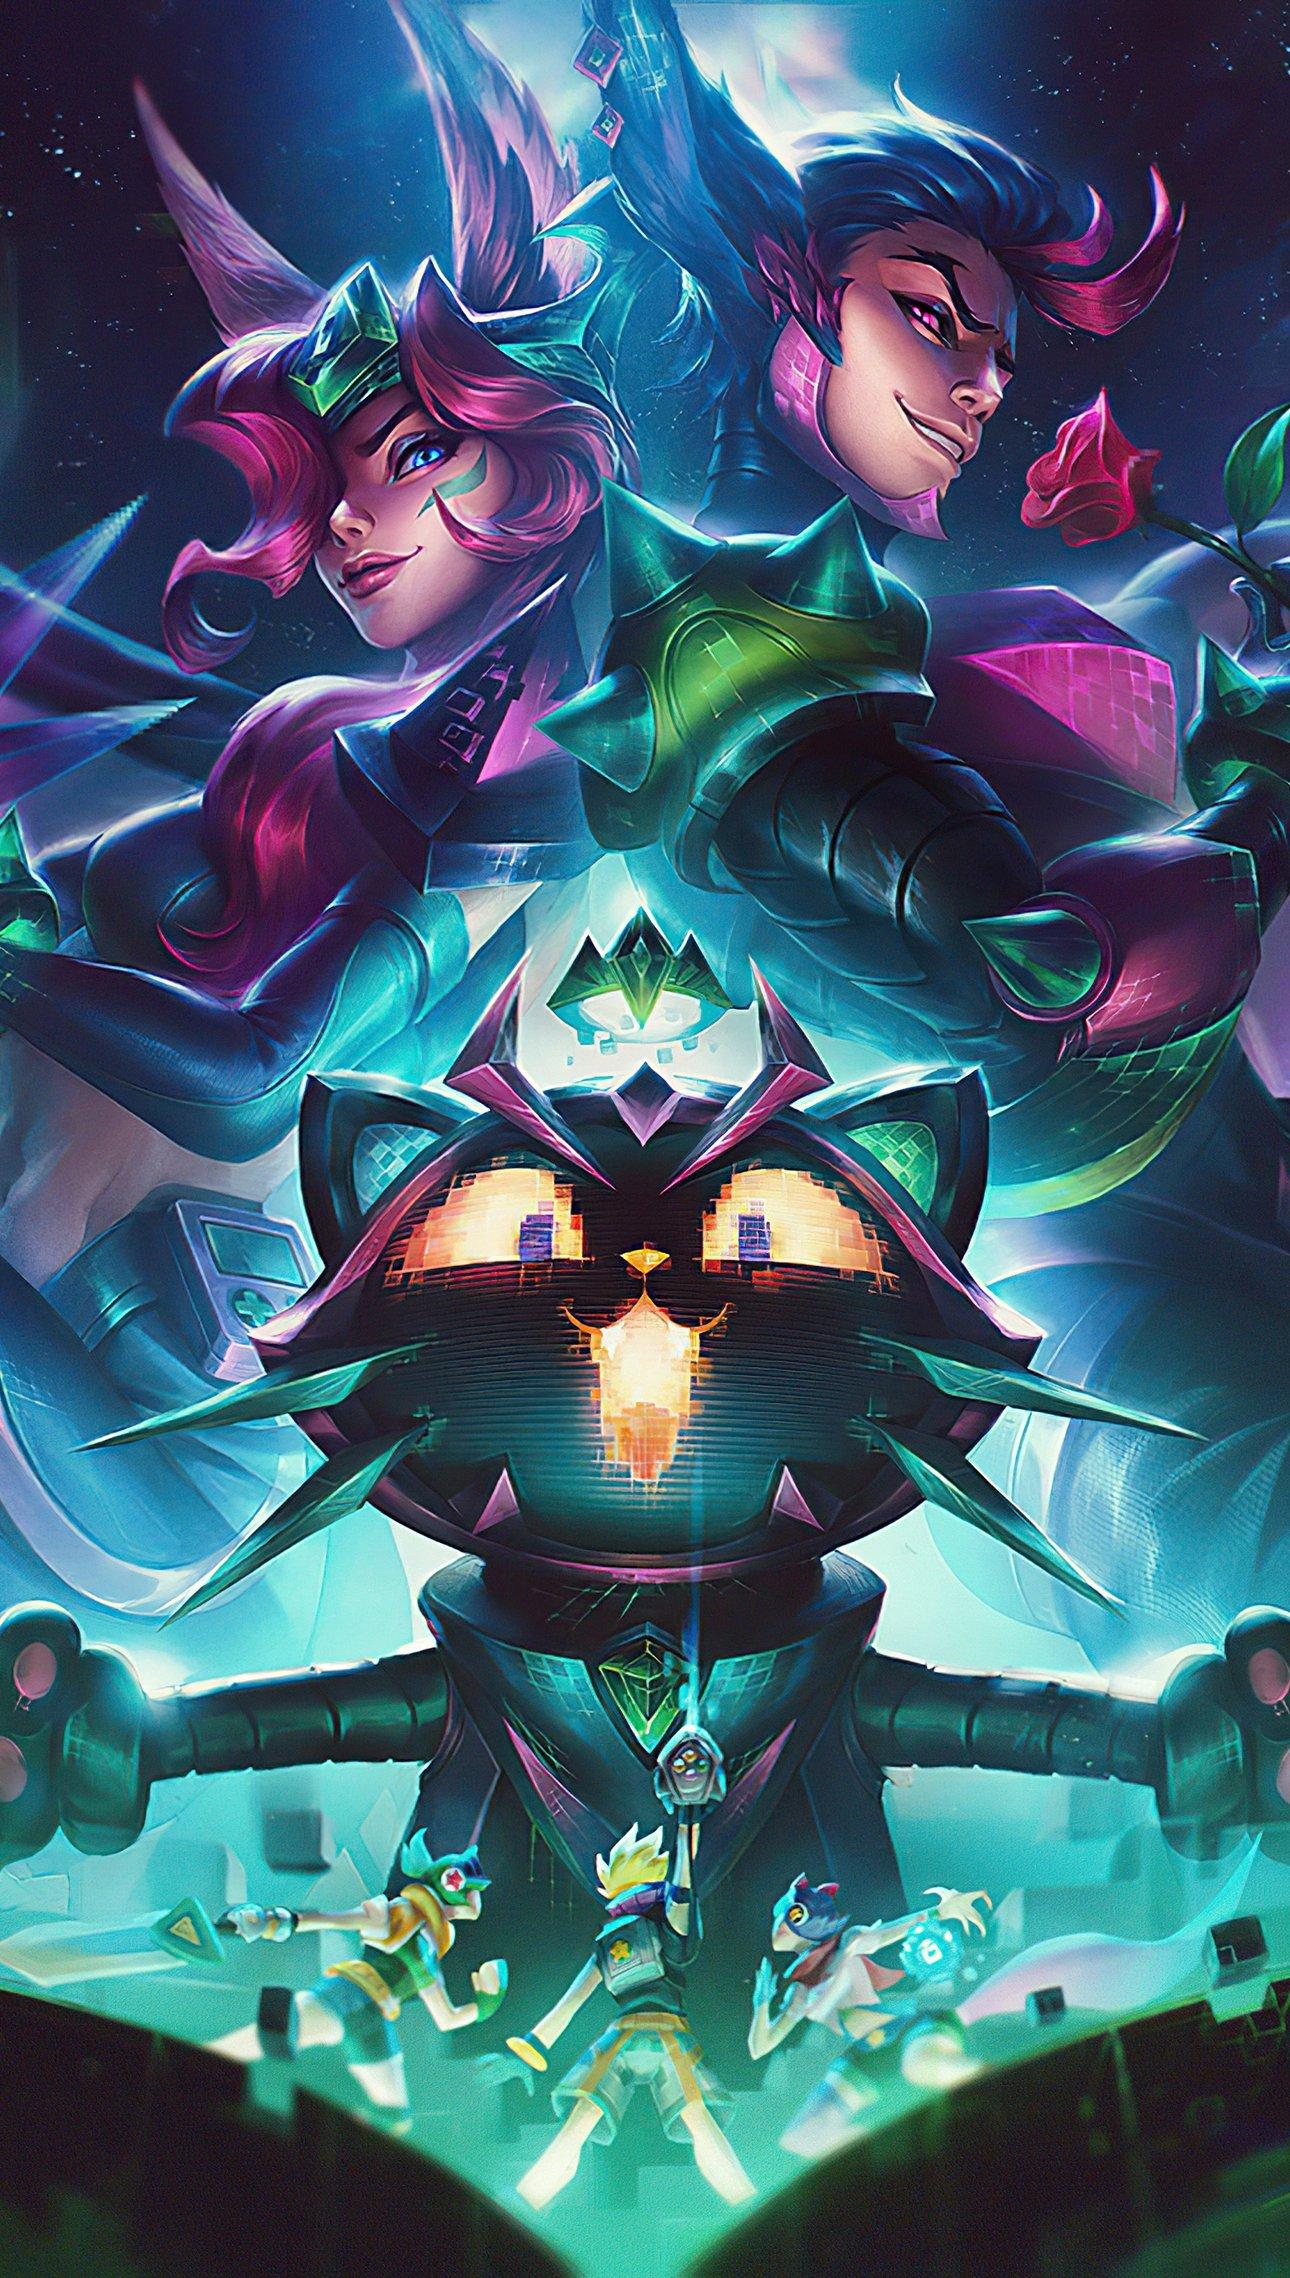 Wallpaper Battle Boss Xayah and Yuumi League of Legends Vertical